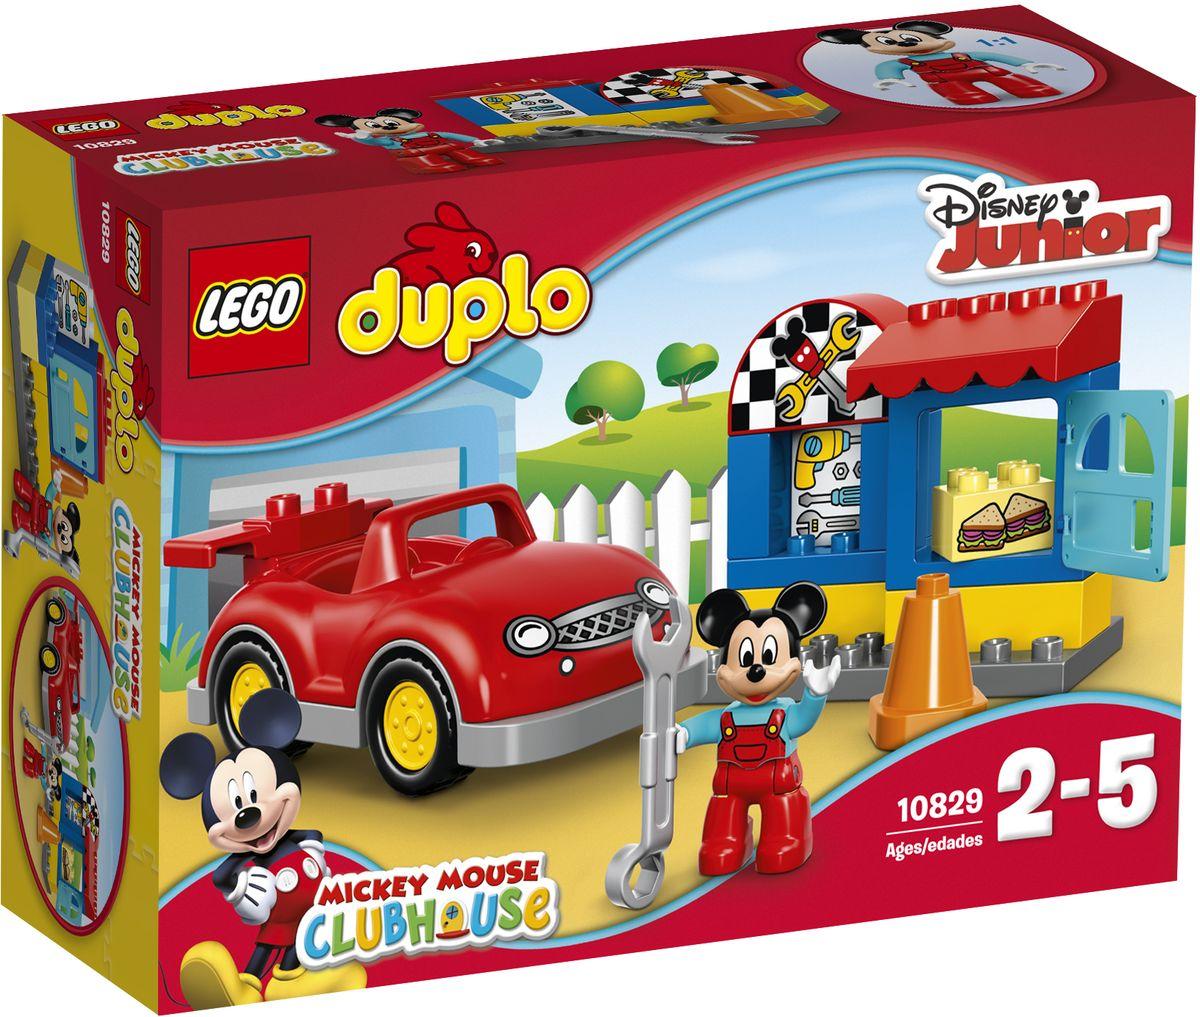 LEGO DUPLO Конструктор Мастерская Микки 1082910829Конструктор LEGO DUPLO Мастерская Микки приведет в восторг любого ребенка, ведь все дети обожают знаменитые конструкторы LEGO. Конструктор содержит 18 пластиковых элементов. Маленьким поклонникам Disney придутся по вкусу ролевые игры в мастерской Микки Мауса. С большой красной машиной можно играть часами, а специальные кубики, стилизованные под инструменты, сэндвичи и вывеску мастерской, помогут придумать свои истории. С яркими цветными кубиками LEGO DUPLO, разработанными специально для начинающих строителей, так легко собрать свою историю. В комплект входит фигурка Микки Мауса. Все элементы набора выполнены из безопасного пластика и имеют увеличенные размеры, специально для маленьких детских пальчиков. Игры с конструкторами помогут ребенку развить воображение, внимательность, пространственное мышление и творческие способности. Такой конструктор надолго займет внимание малыша и непременно станет его любимой игрушкой.